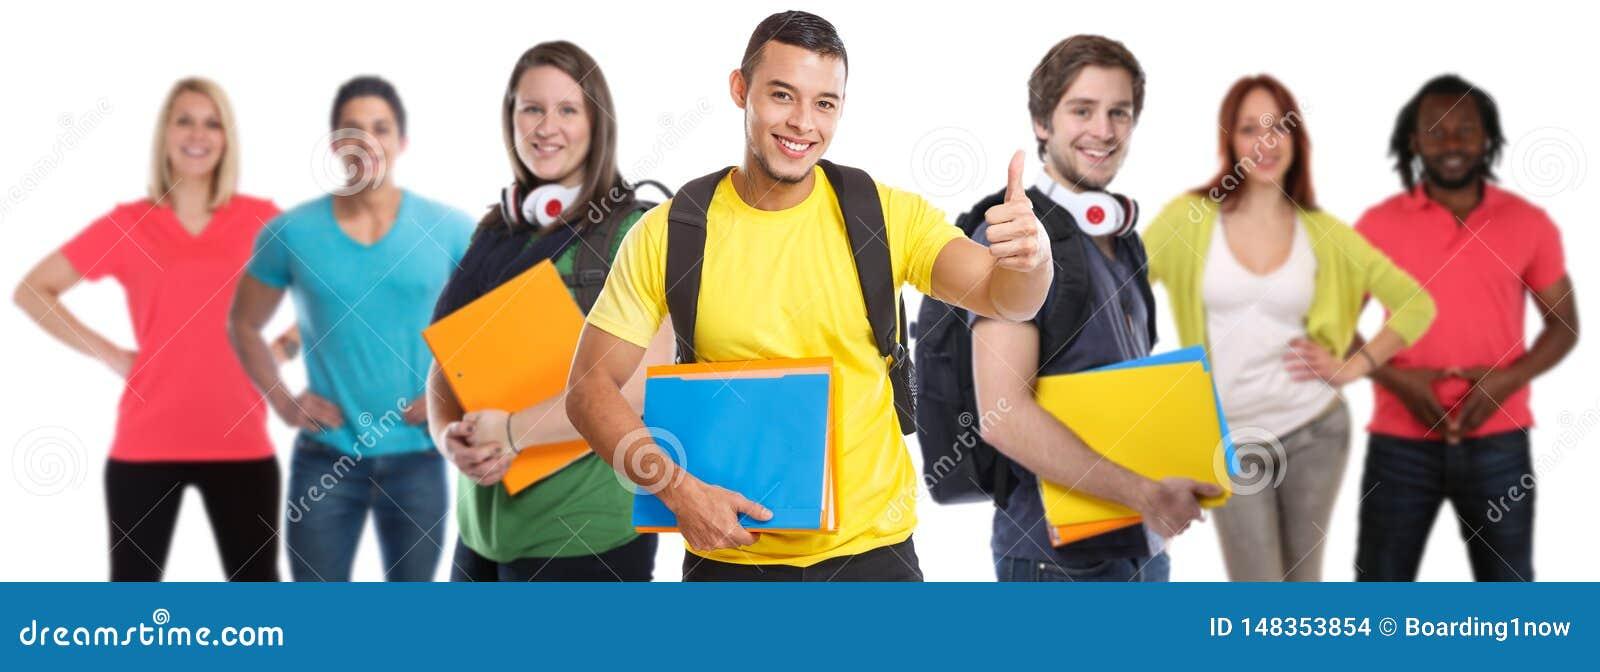 Ομάδα επιτυχών αντίχειρων επιτυχίας νέων φοιτητών πανεπιστημίου σπουδαστών επάνω στην εκπαίδευση που απομονώνεται στο λευκό